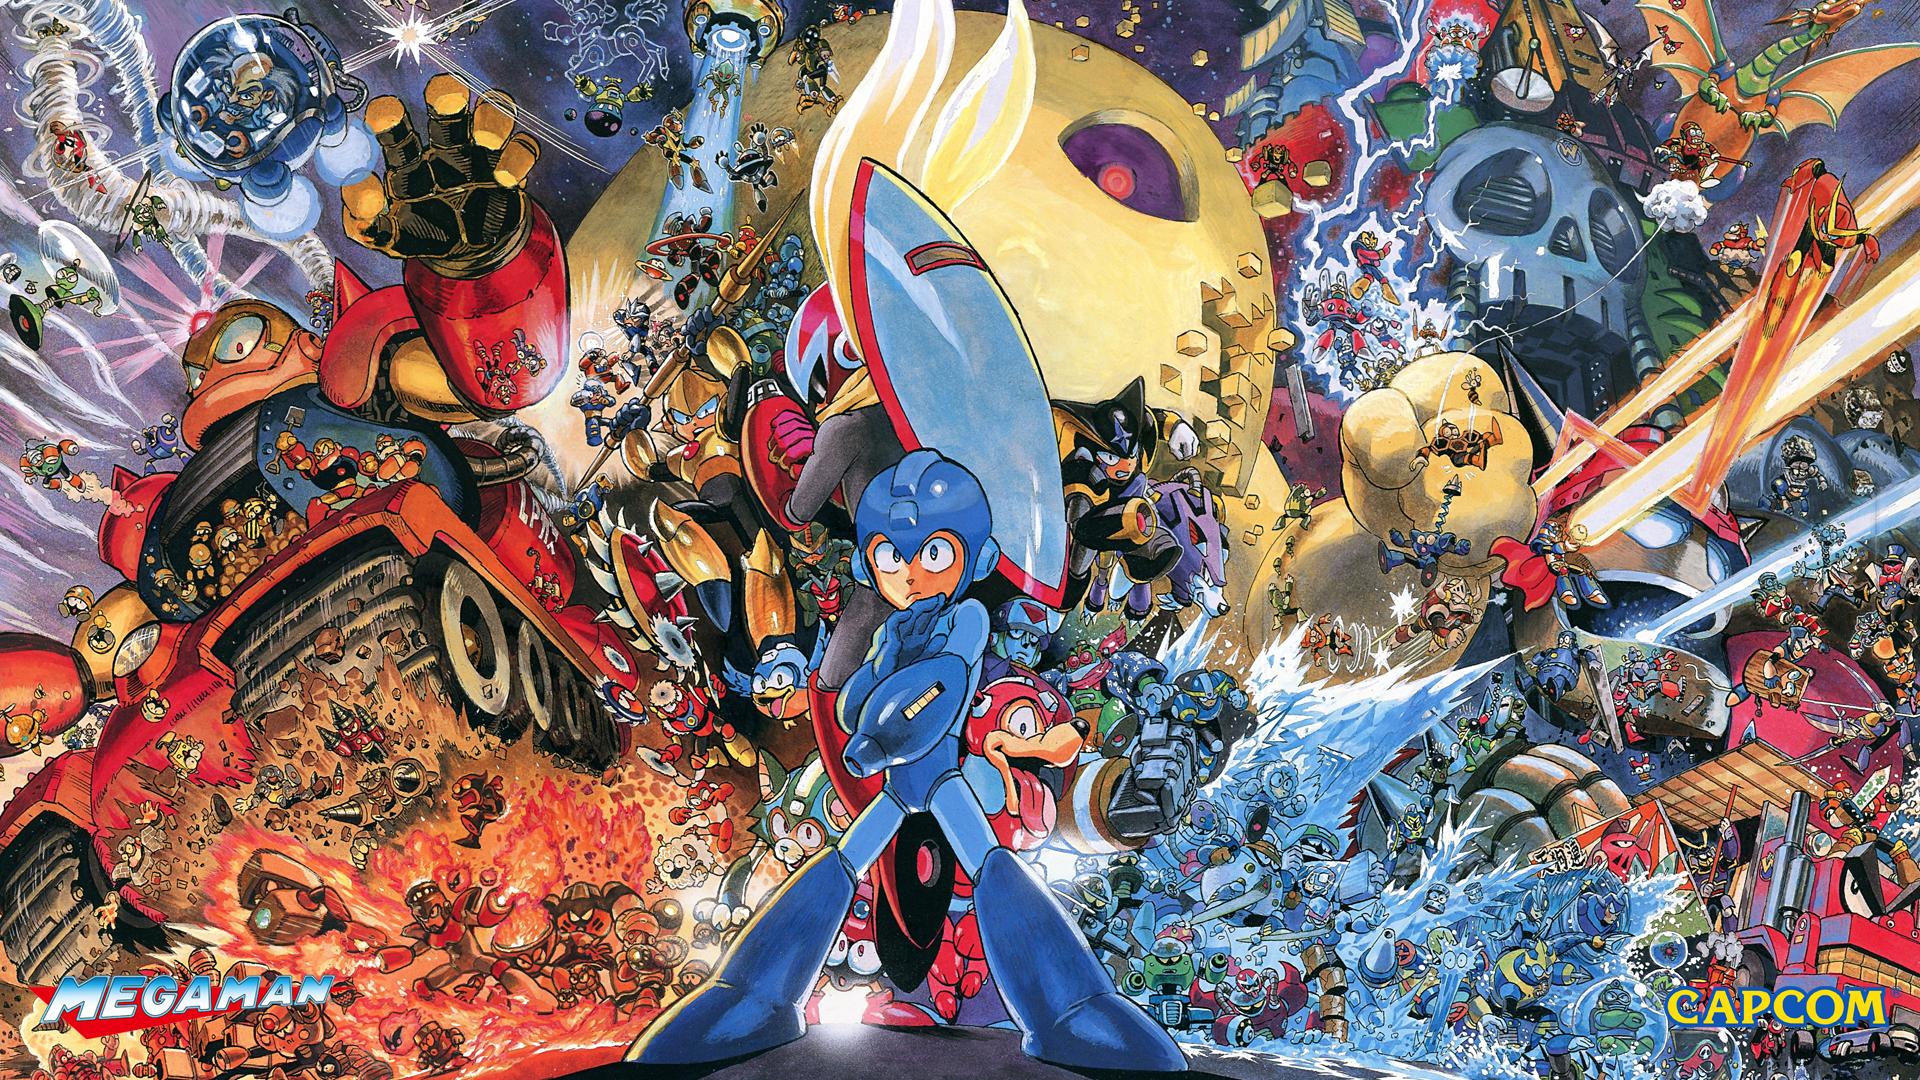 MM Heroes Of Capcom Wallpaper.png